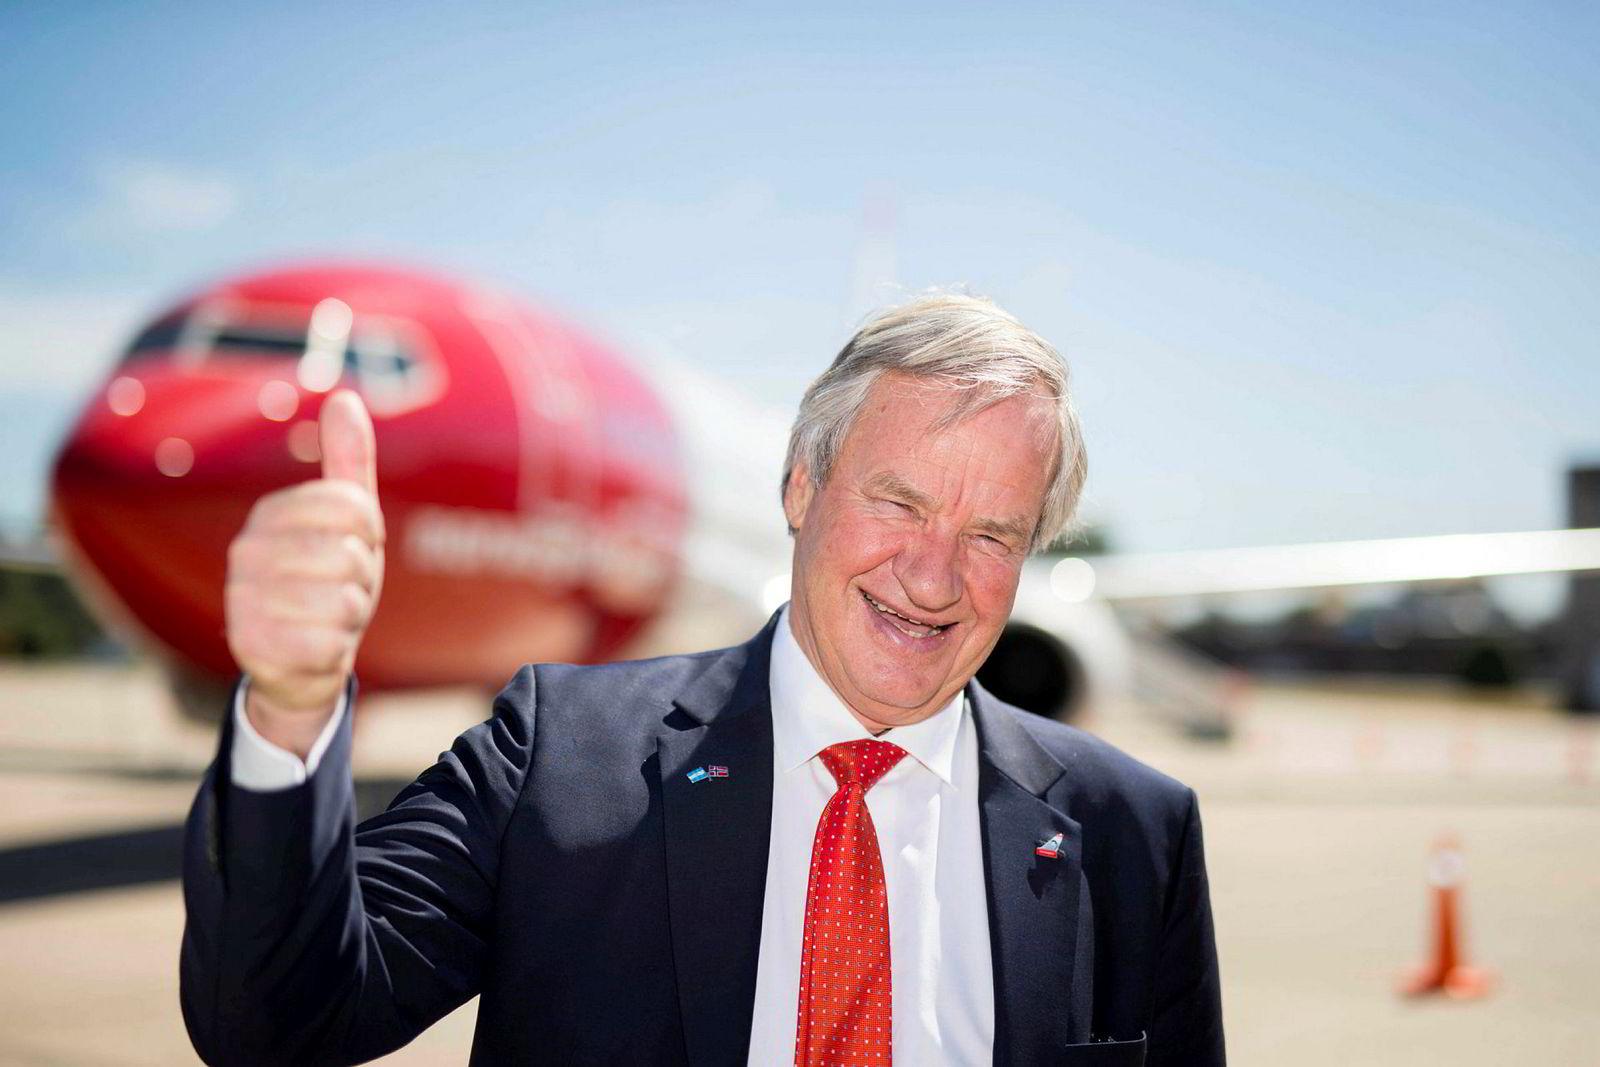 Norwegian-sjef Bjørn Kjos under en innvielse om Norwegians tilstedeværelse i Argentina på flyplassen i Buenos Aires.